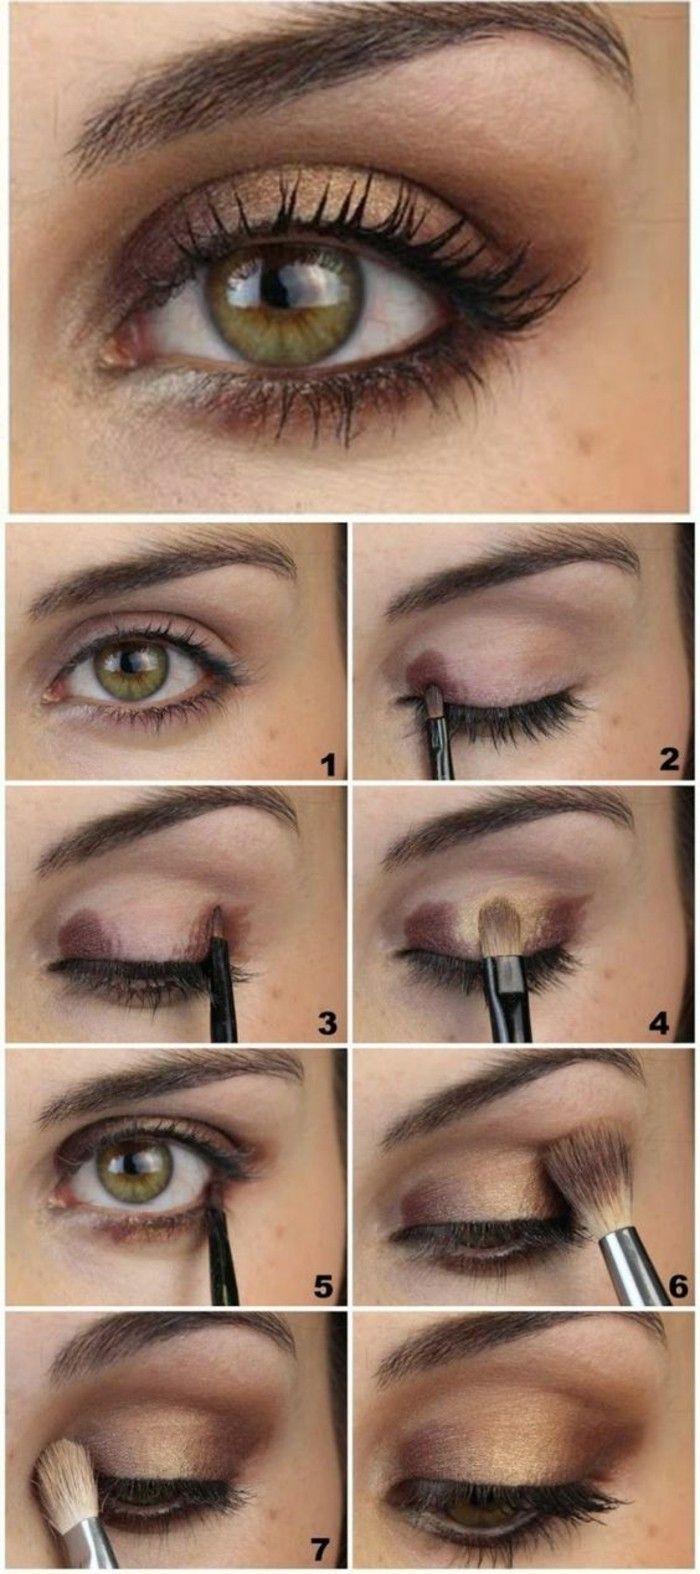 maquillage marron doré pour souligner bien les yeux